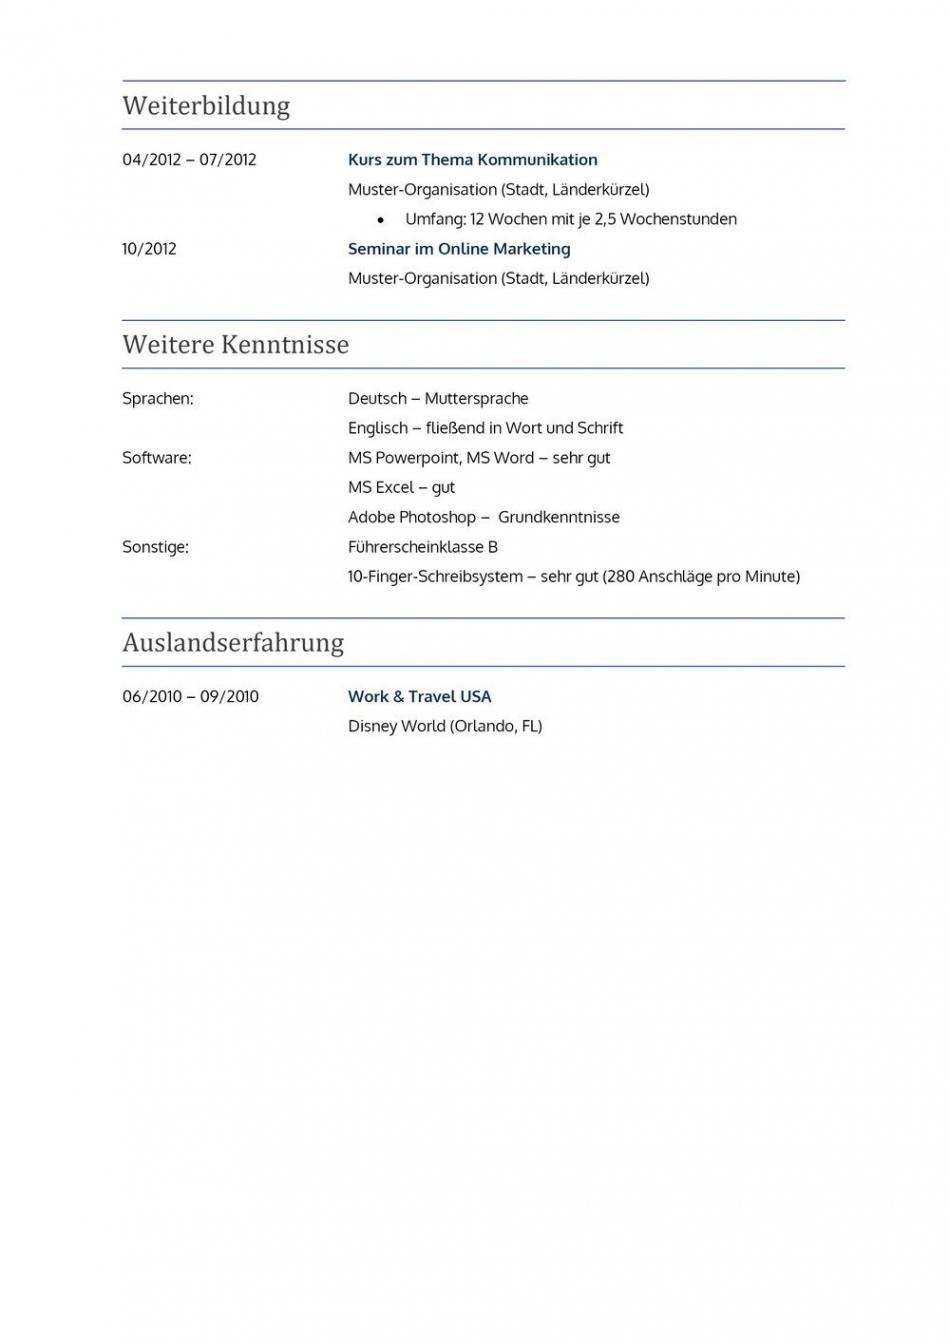 Eine Probe von  Lebenslauf Muster Für Lehrer  Lebenslauf Designs Vorlage Tabellarischer Lebenslauf Referendariat